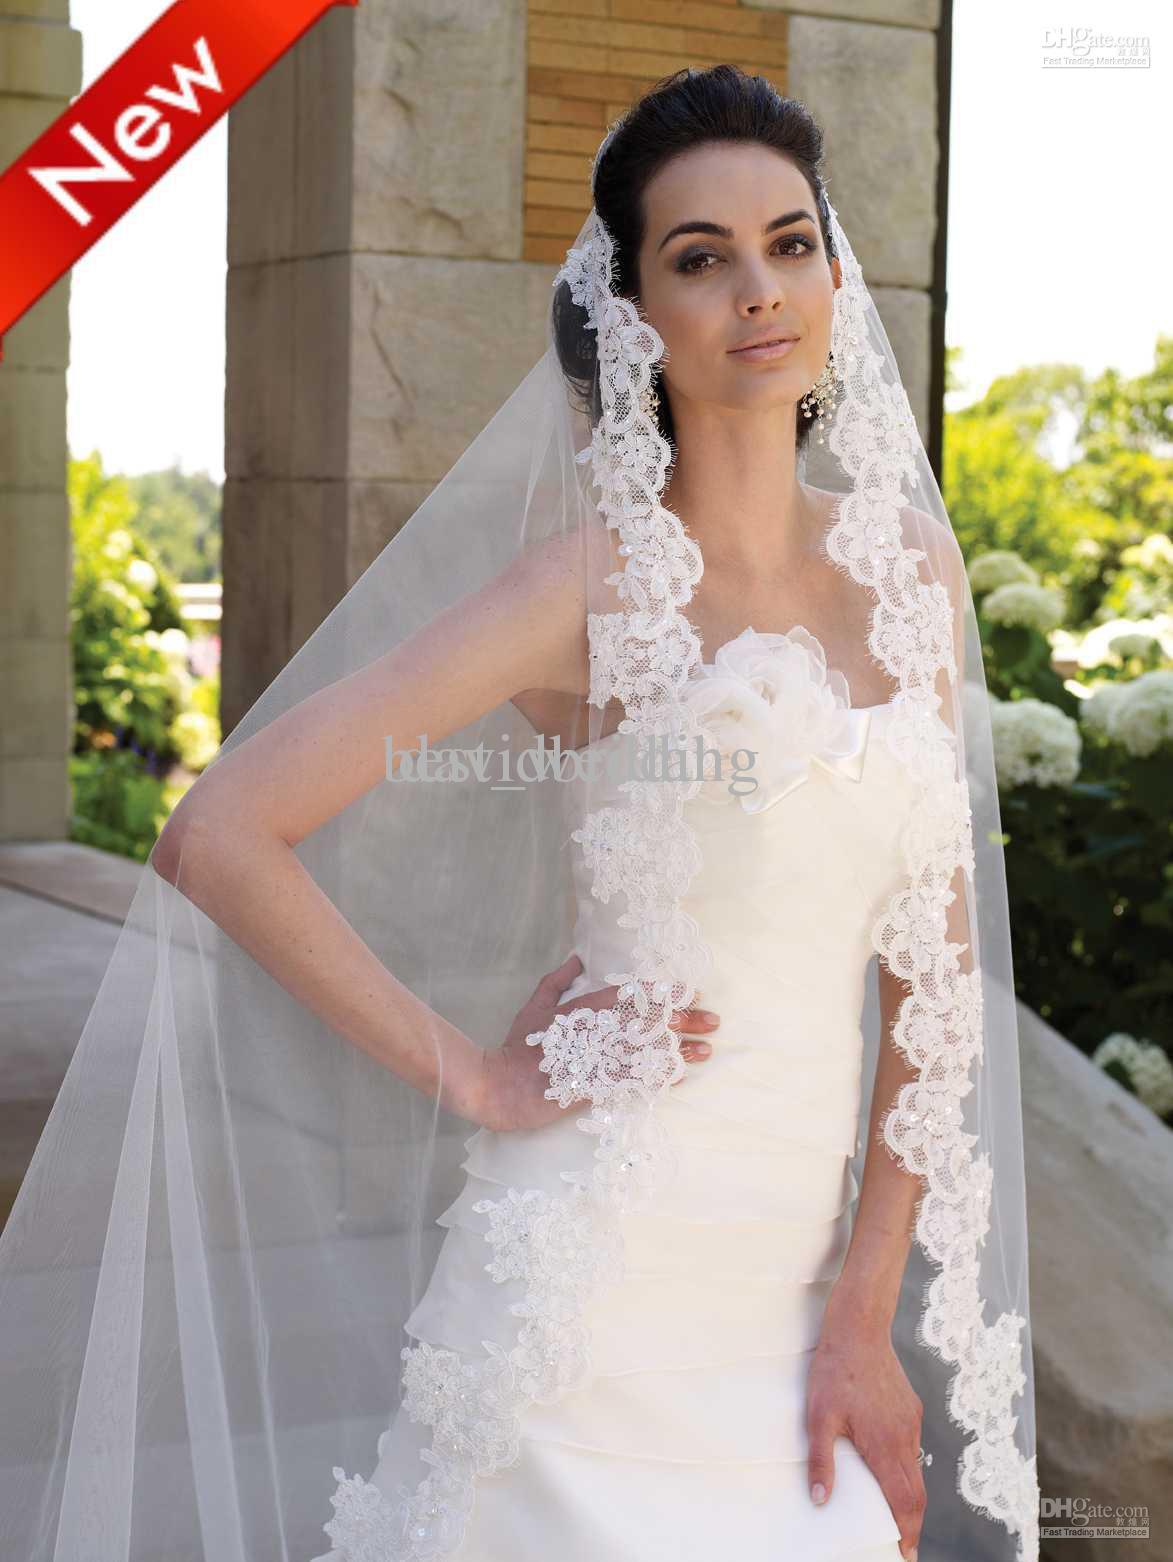 Фото свадебные фата платье и причёска